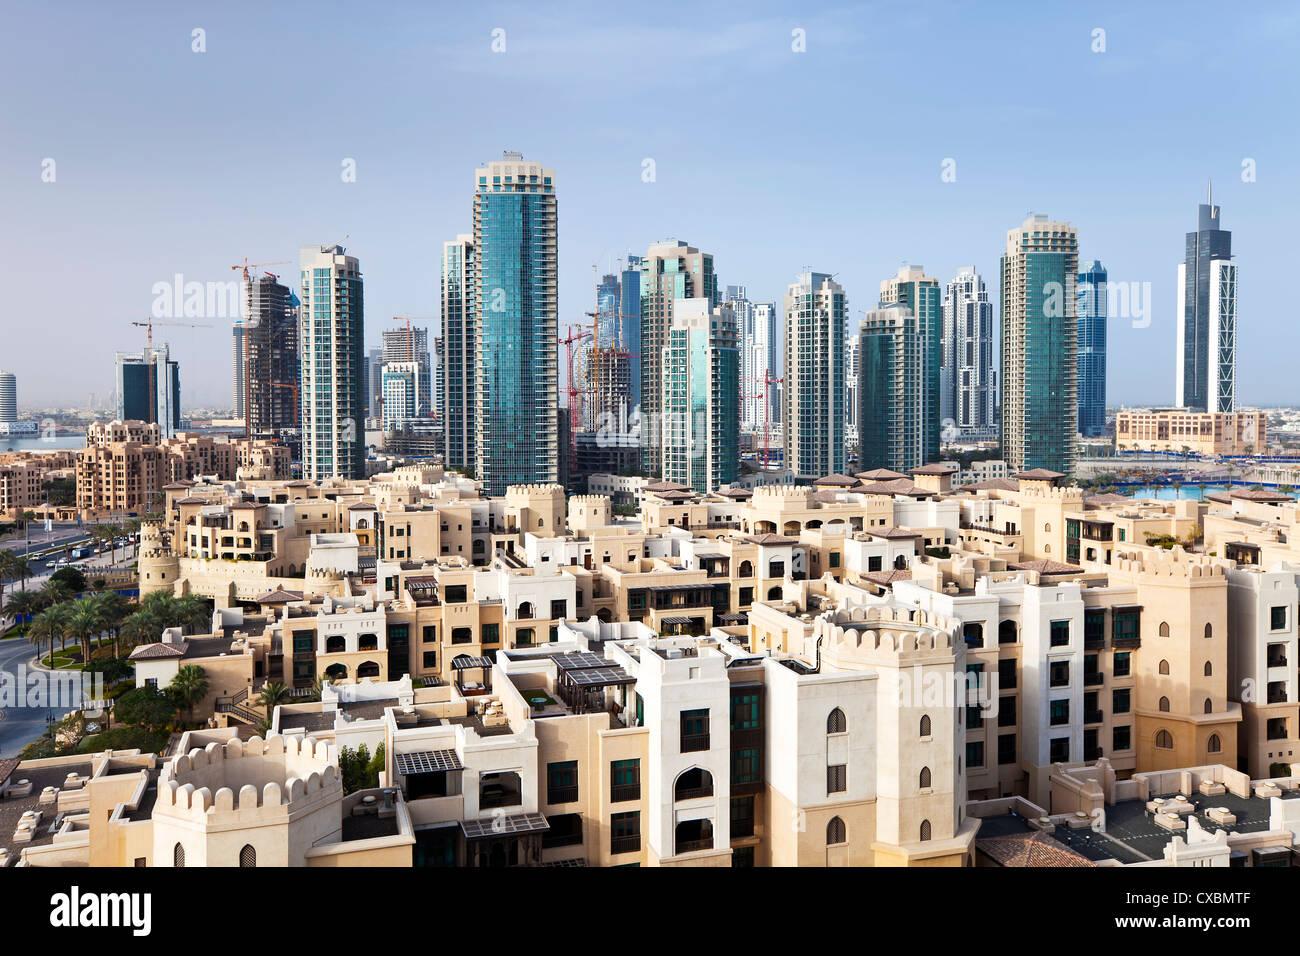 Skyline der Stadt, erhöhten Blick auf die Dubai Mall und Burj Khalifa Park, Dubai, Vereinigte Arabische Emirate, Stockbild